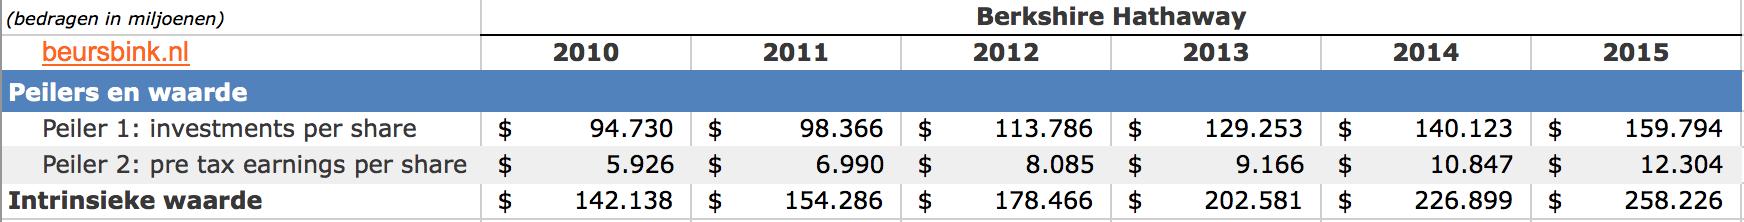 Berkshire-Intrinsieke-waarde-tabel